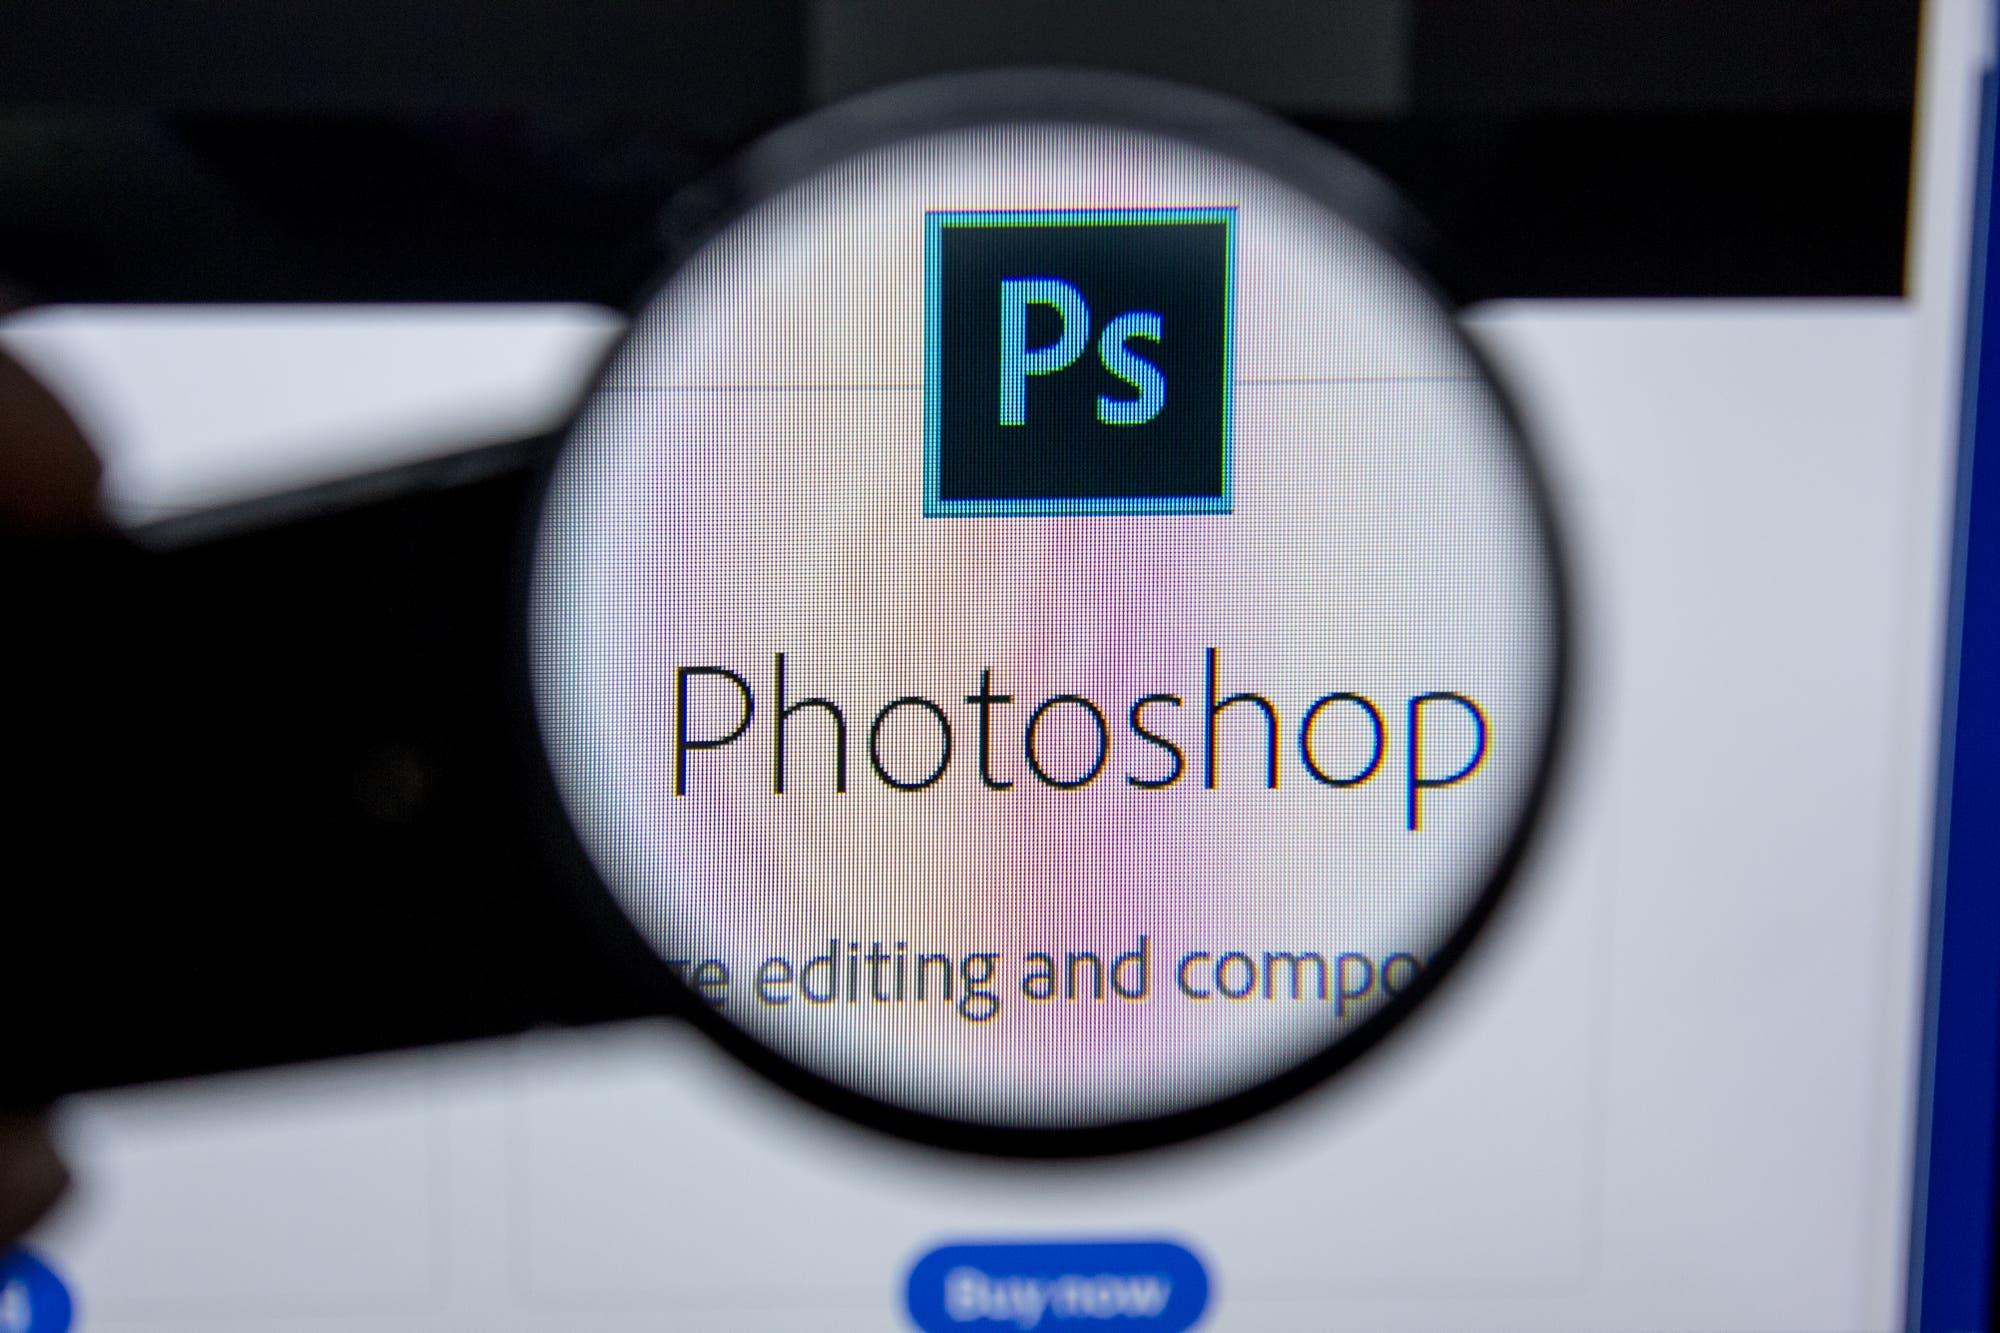 Adobe celebra los 30 años de vida del Photoshop, su programa de retoque de imágenes digitales